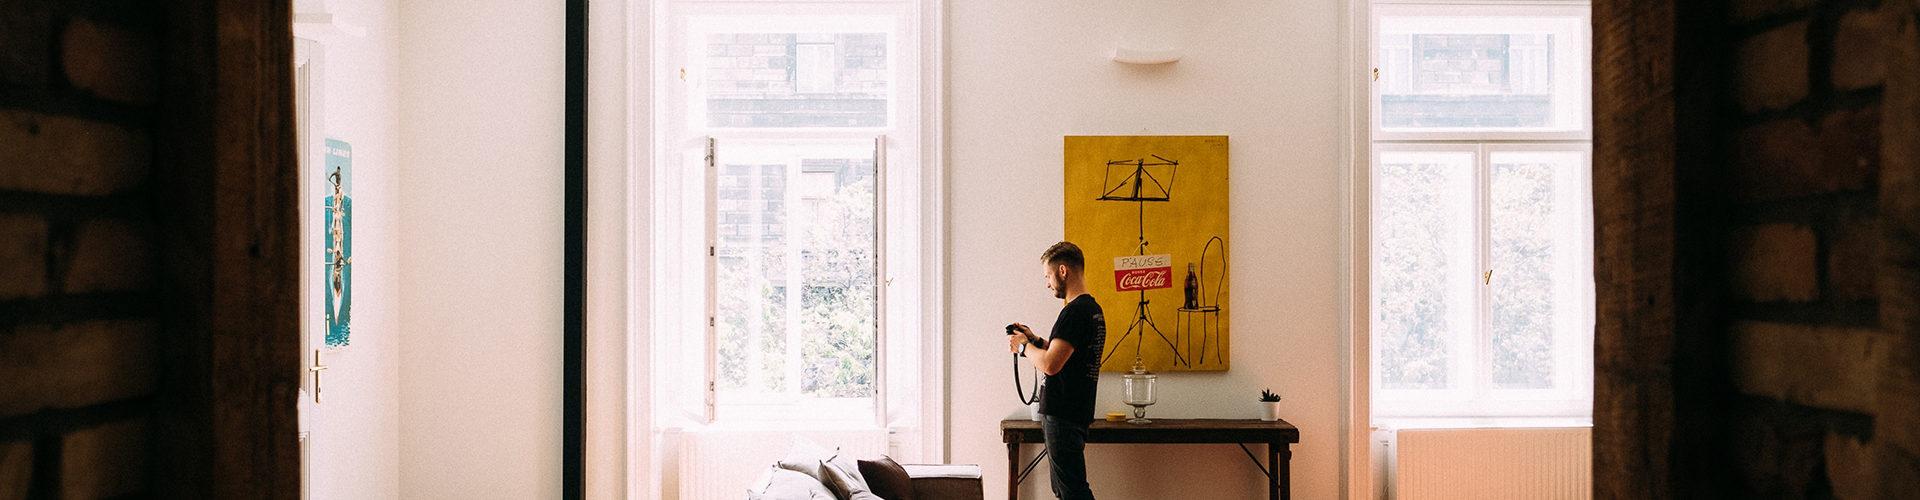 apartment move in checklist